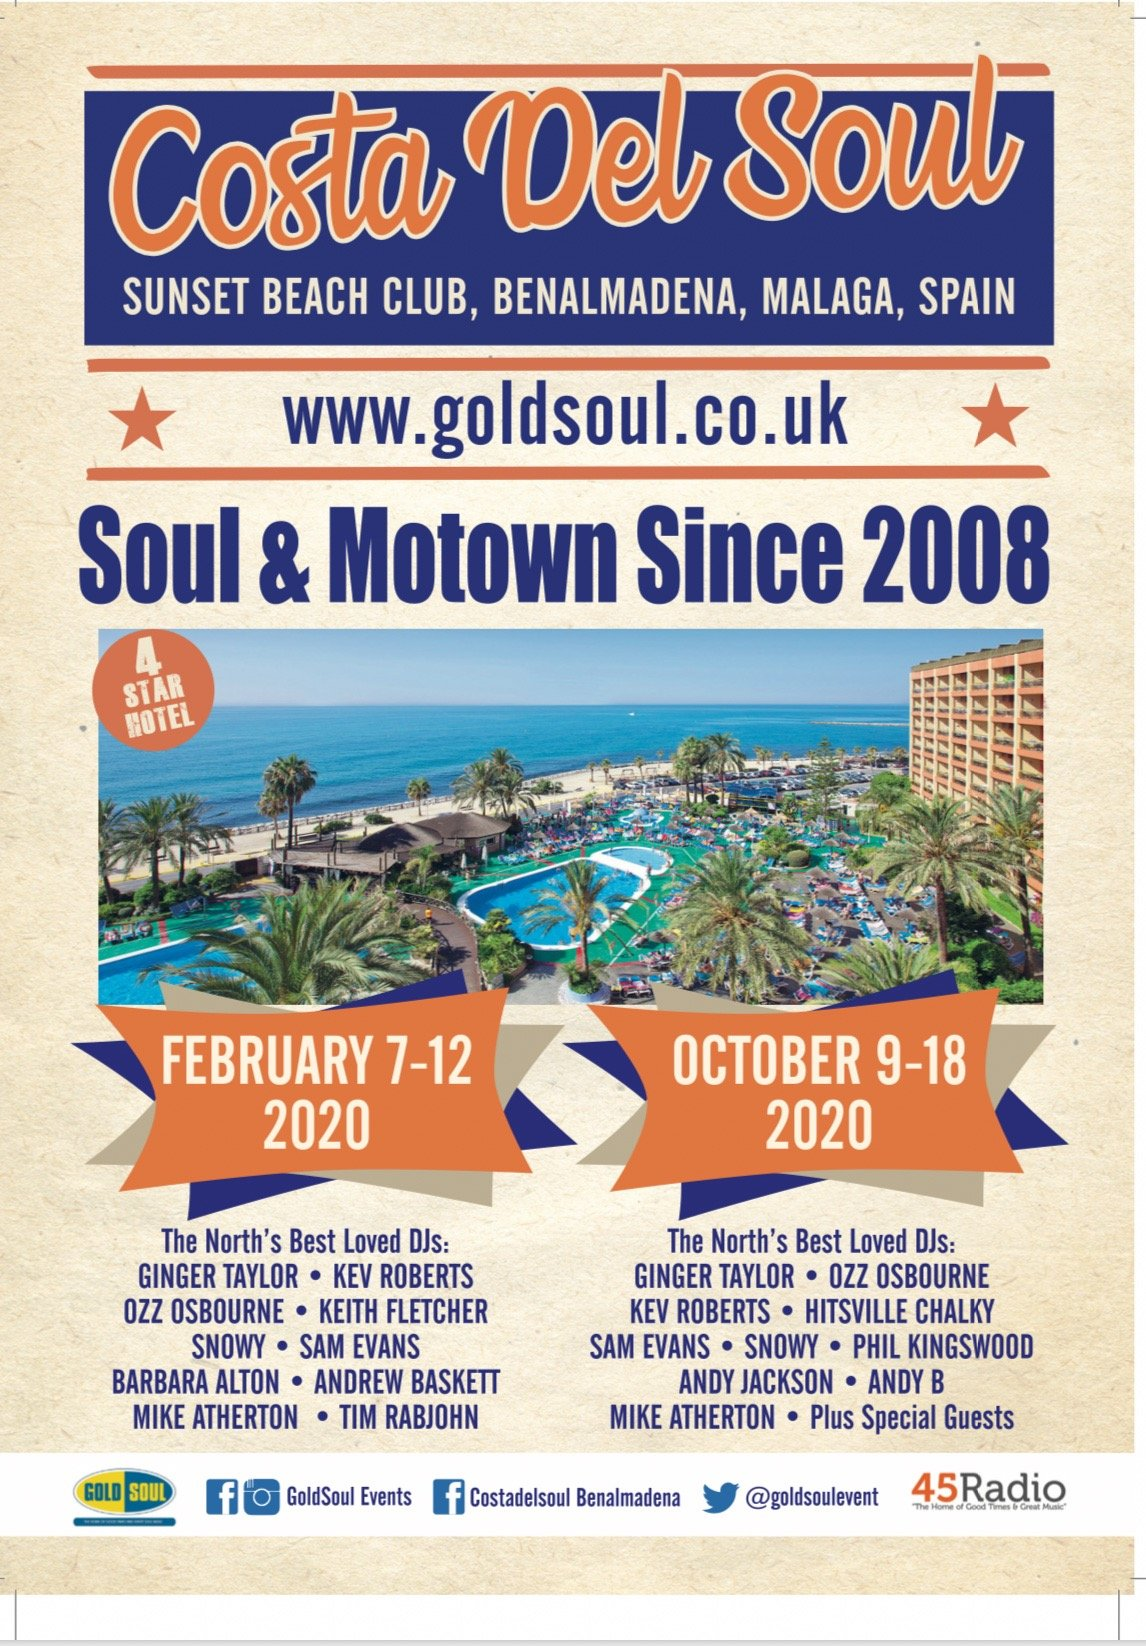 Costa Del Soul Benalmadena Spain flyer